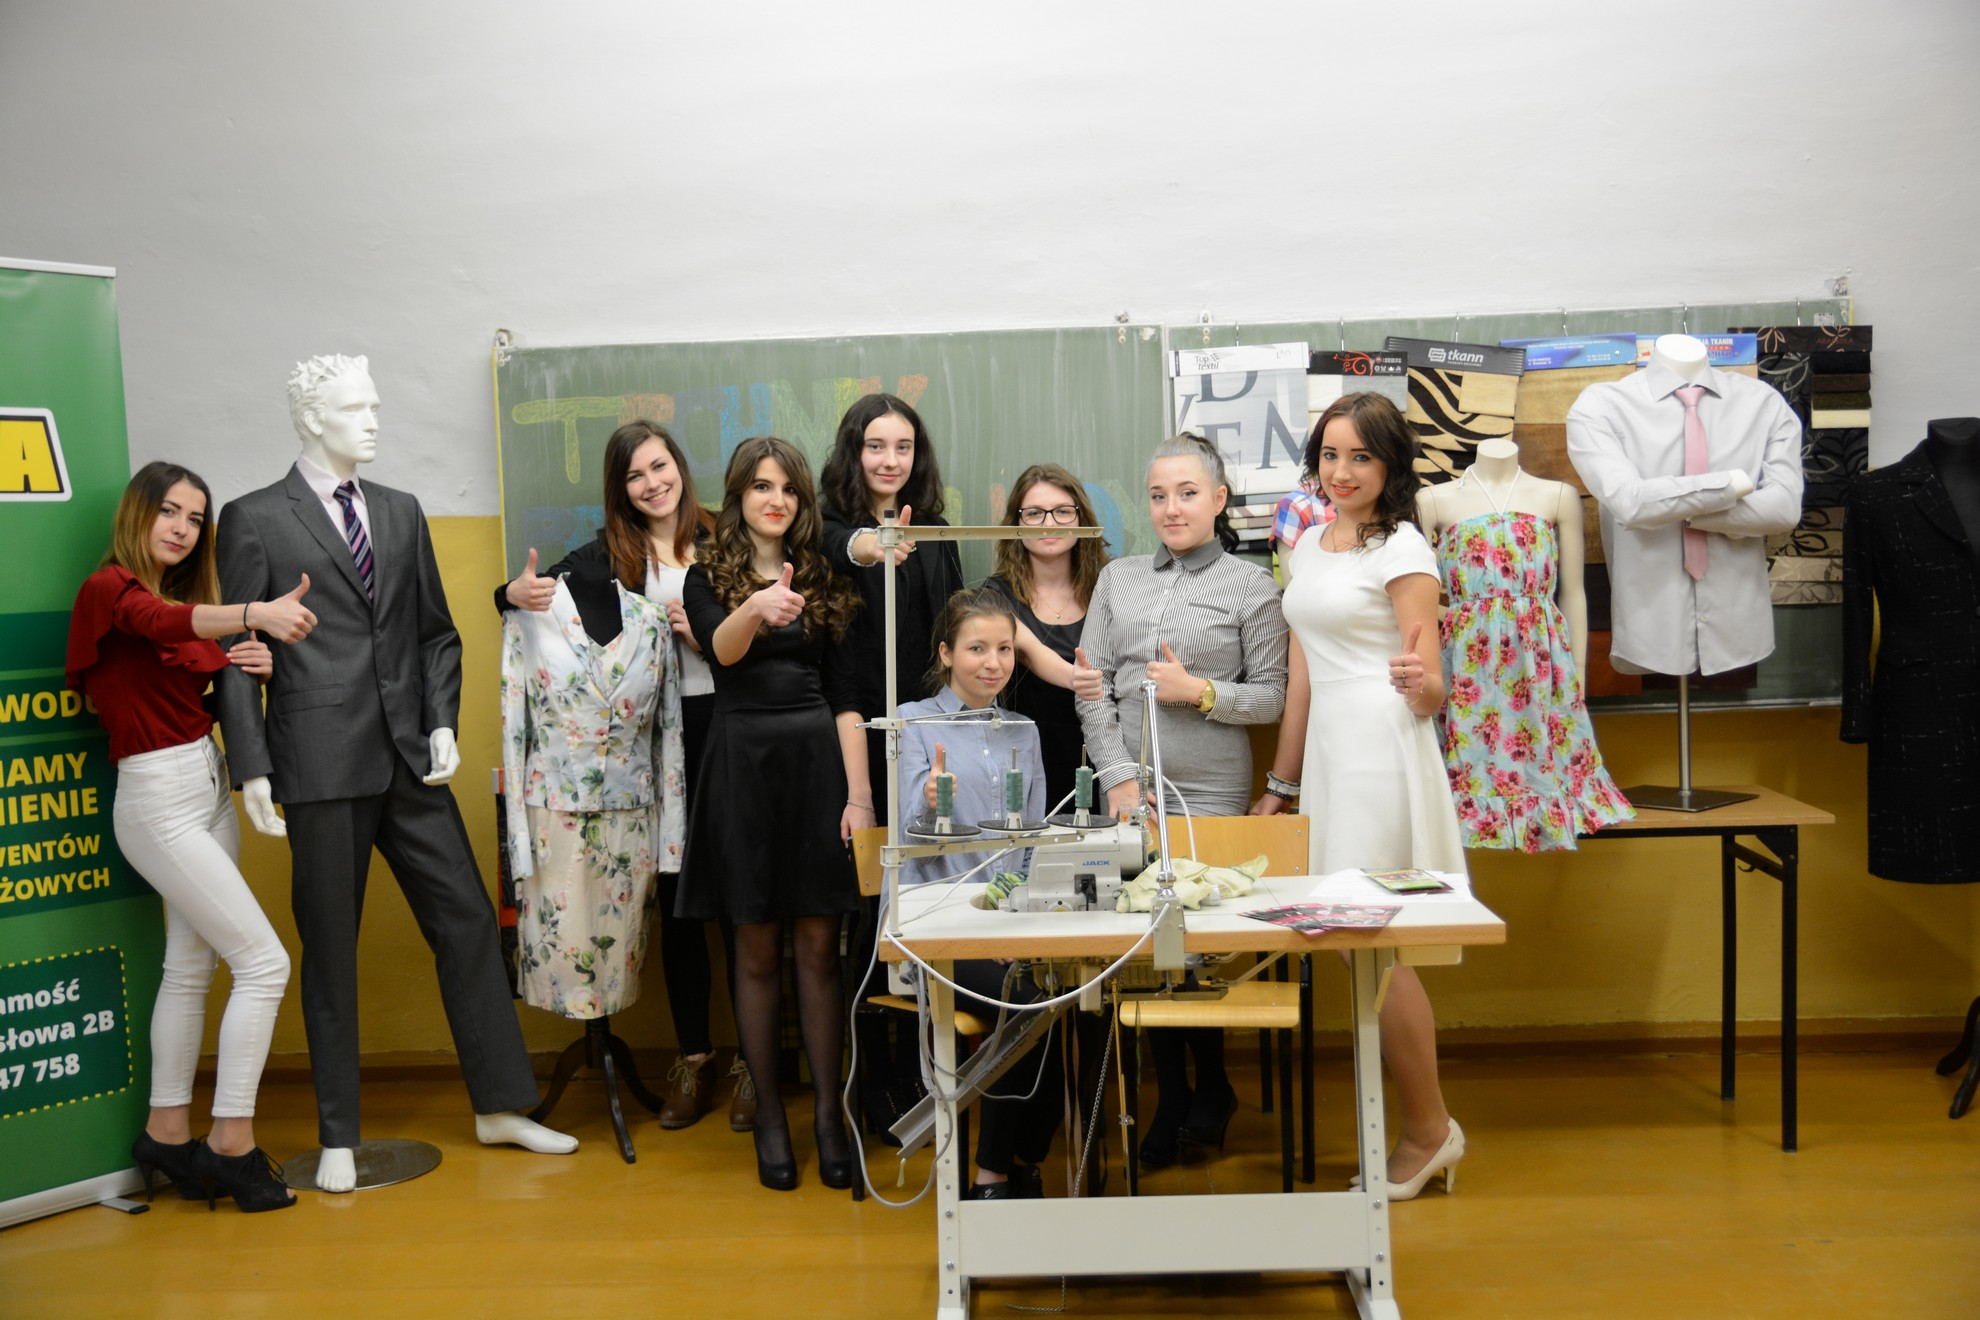 Technik przemysłu mody | Technikum Nr 1 w Zamościu